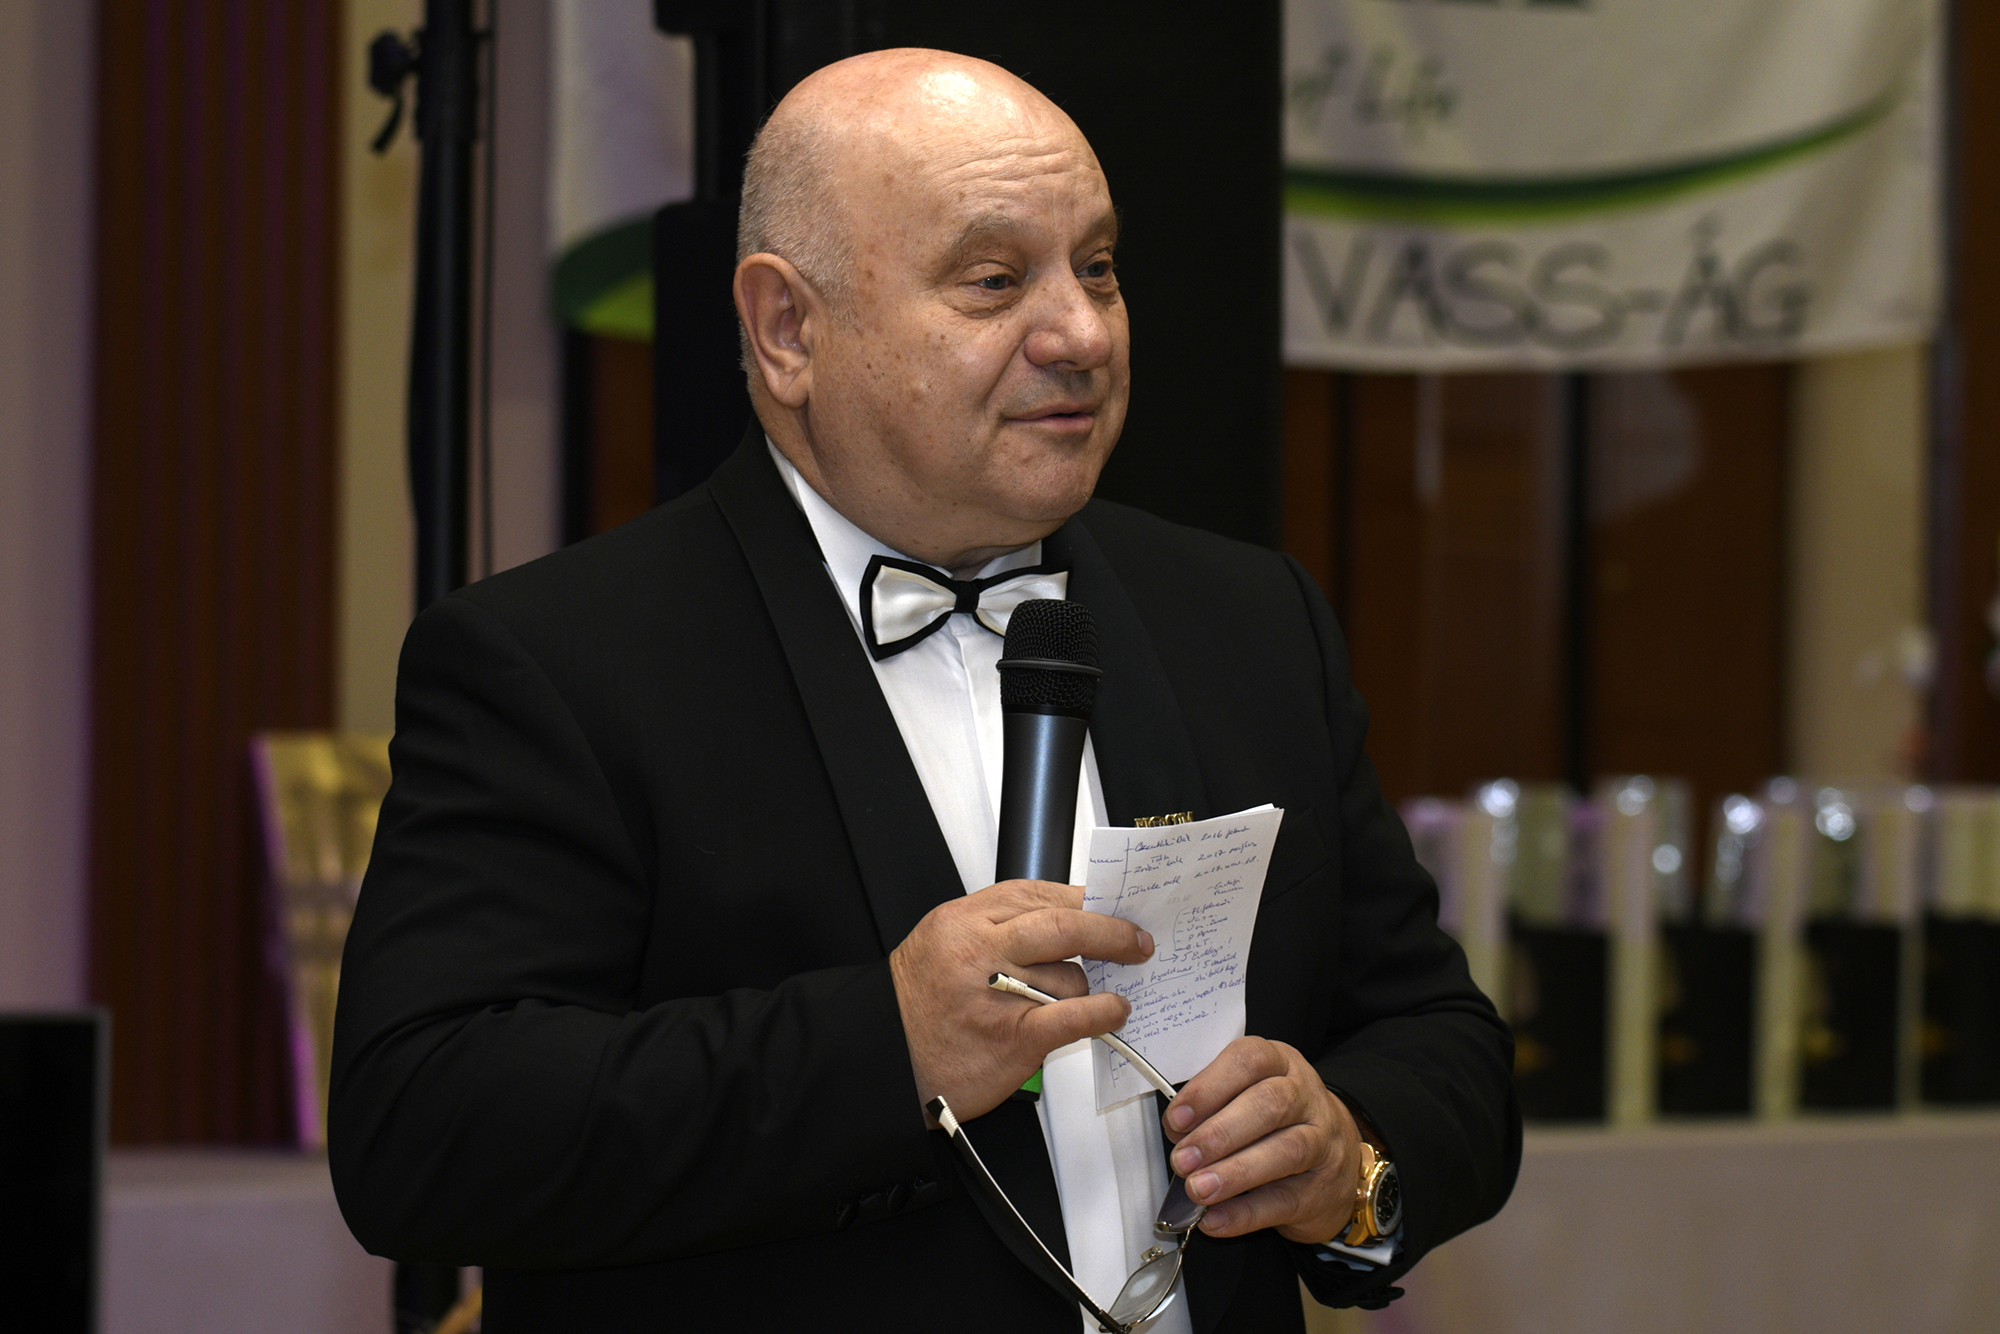 Lőrincz János, a Biocom első Gyémánt Hálózatigazgatója, egyben Tünde magasabb ágvezetője köszöntésében visszaidézte az elmúlt évtizedek báljait is